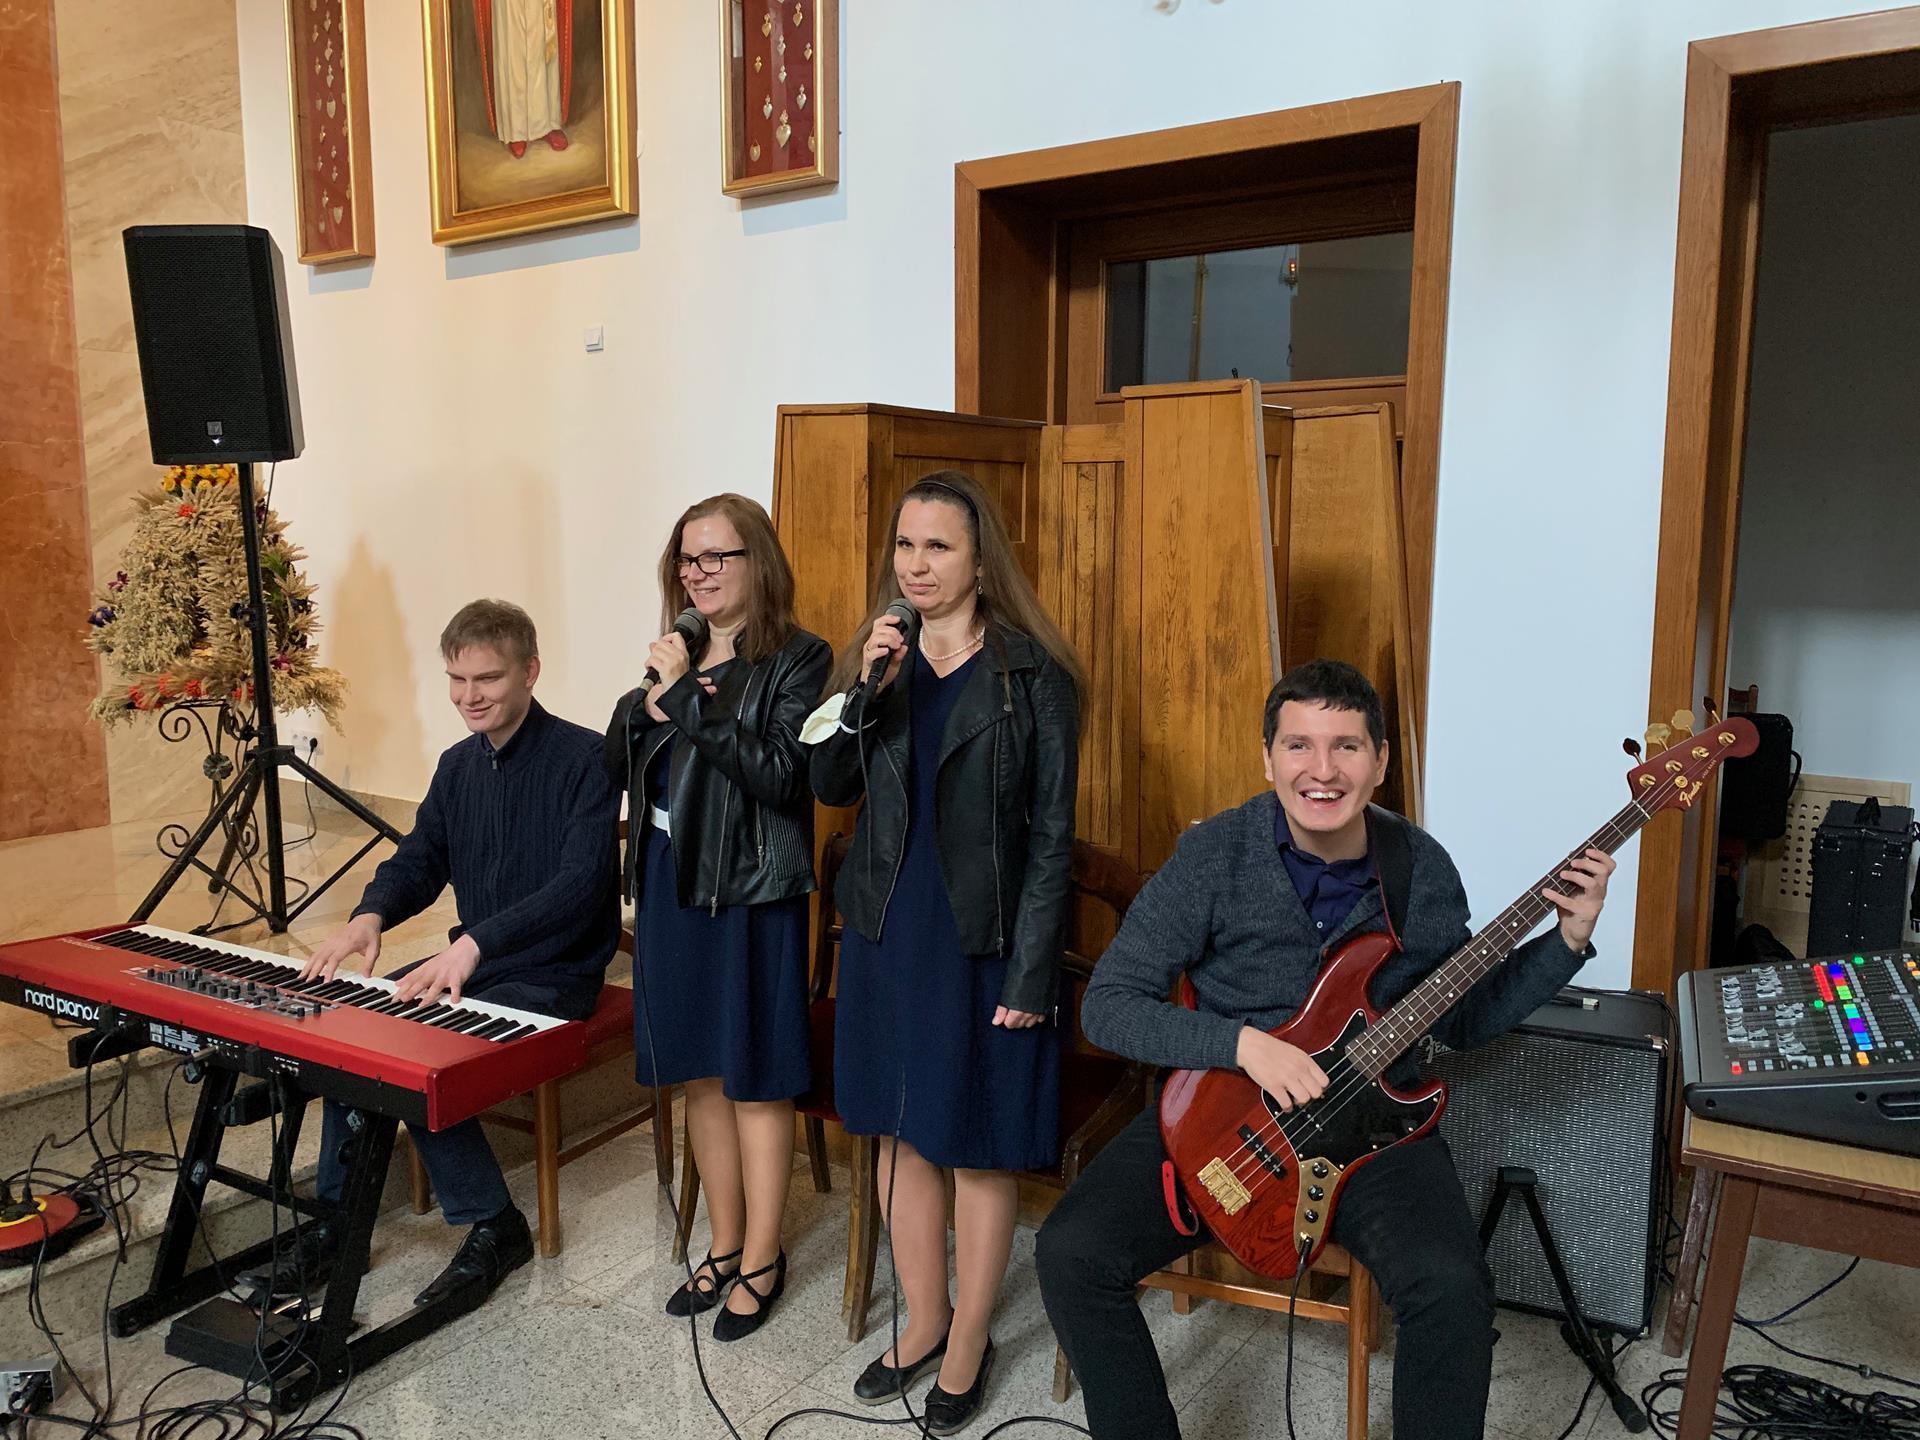 Cztery osoby (dwie kobiety i dwóch mężczyzn) znajdują się w kościele. Jeden mężczyzna gra na gitarze, a drugi na pianinie elektycznym. Kobiety stoją, w dłoniach mają mikrofony.